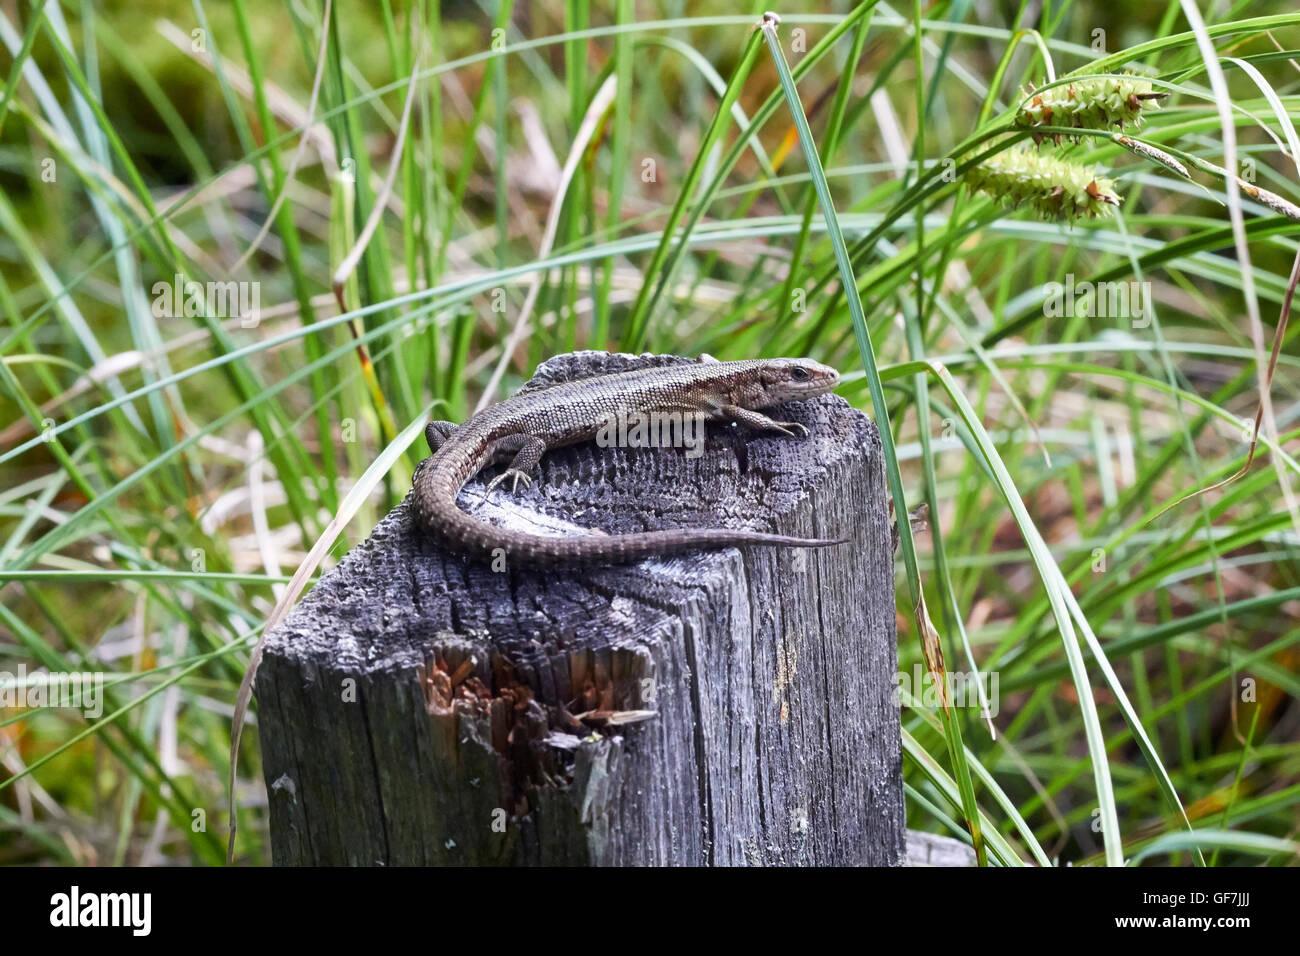 Zootoca vivipara, lagarto ovíparos Foto de stock